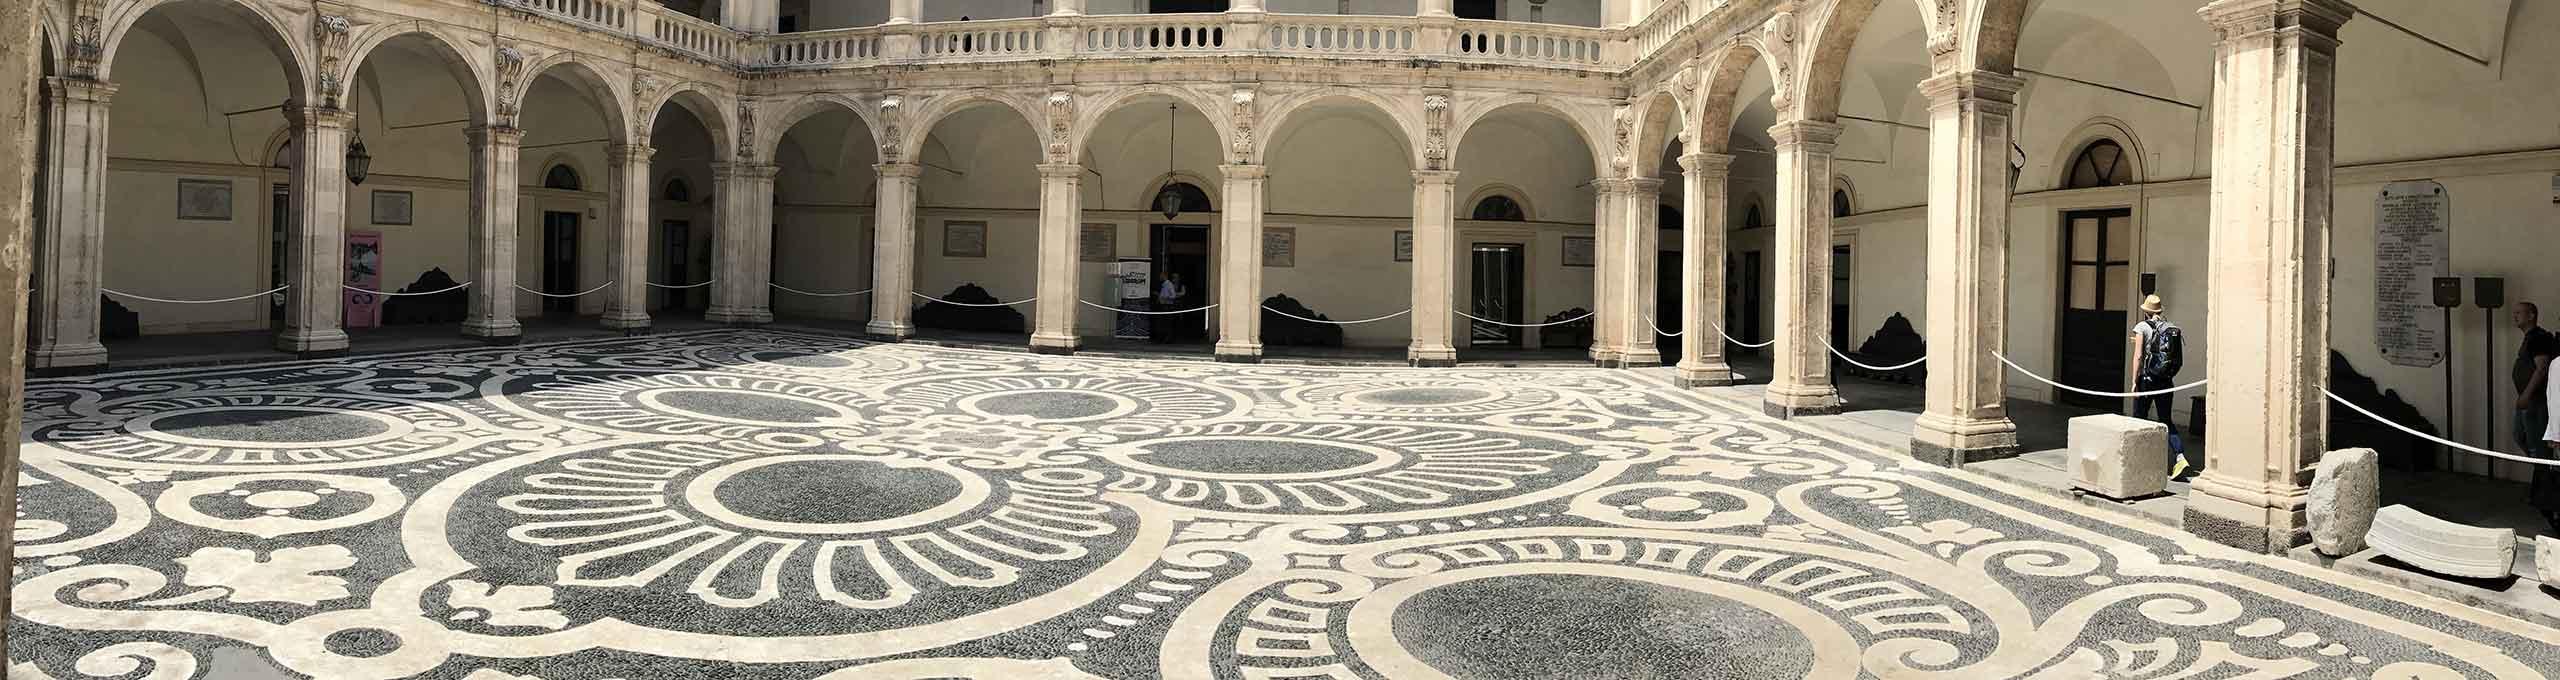 Catania, interno dell'università